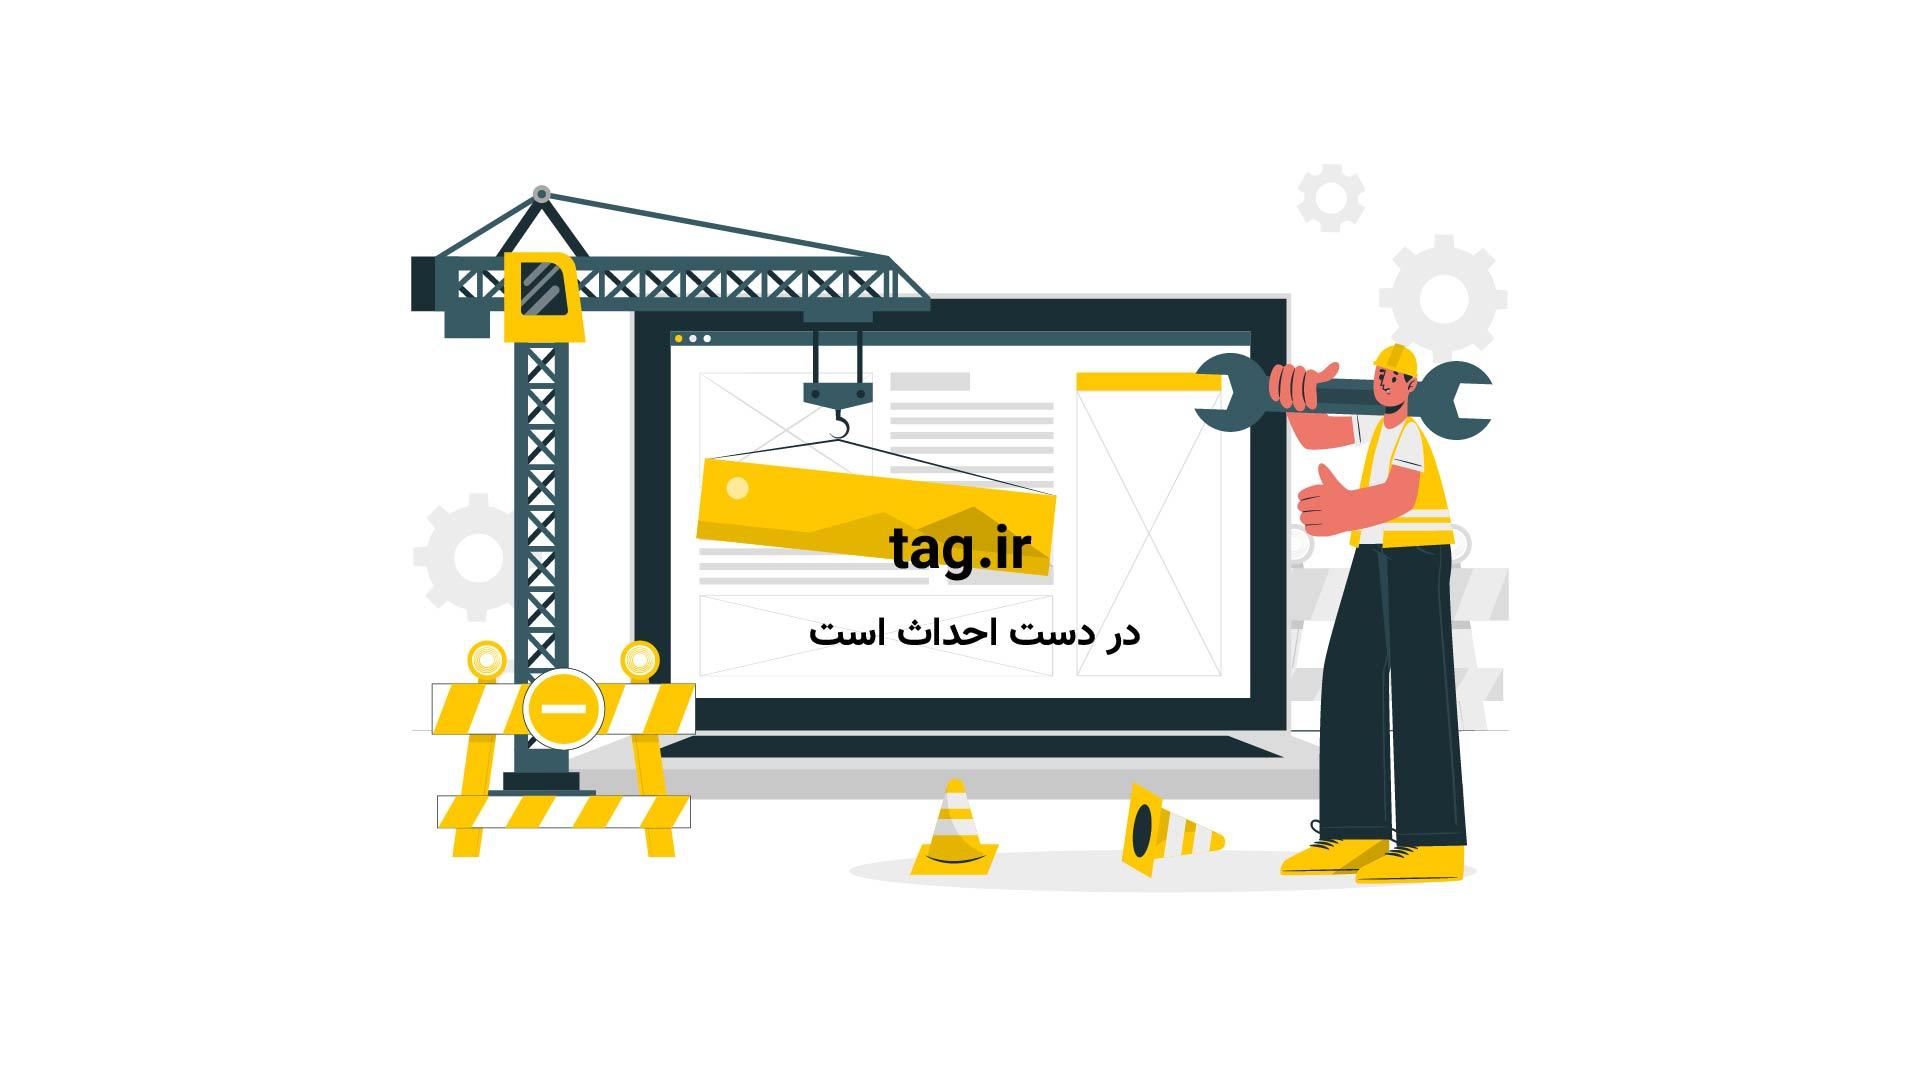 ترس گربه از موش | تگ